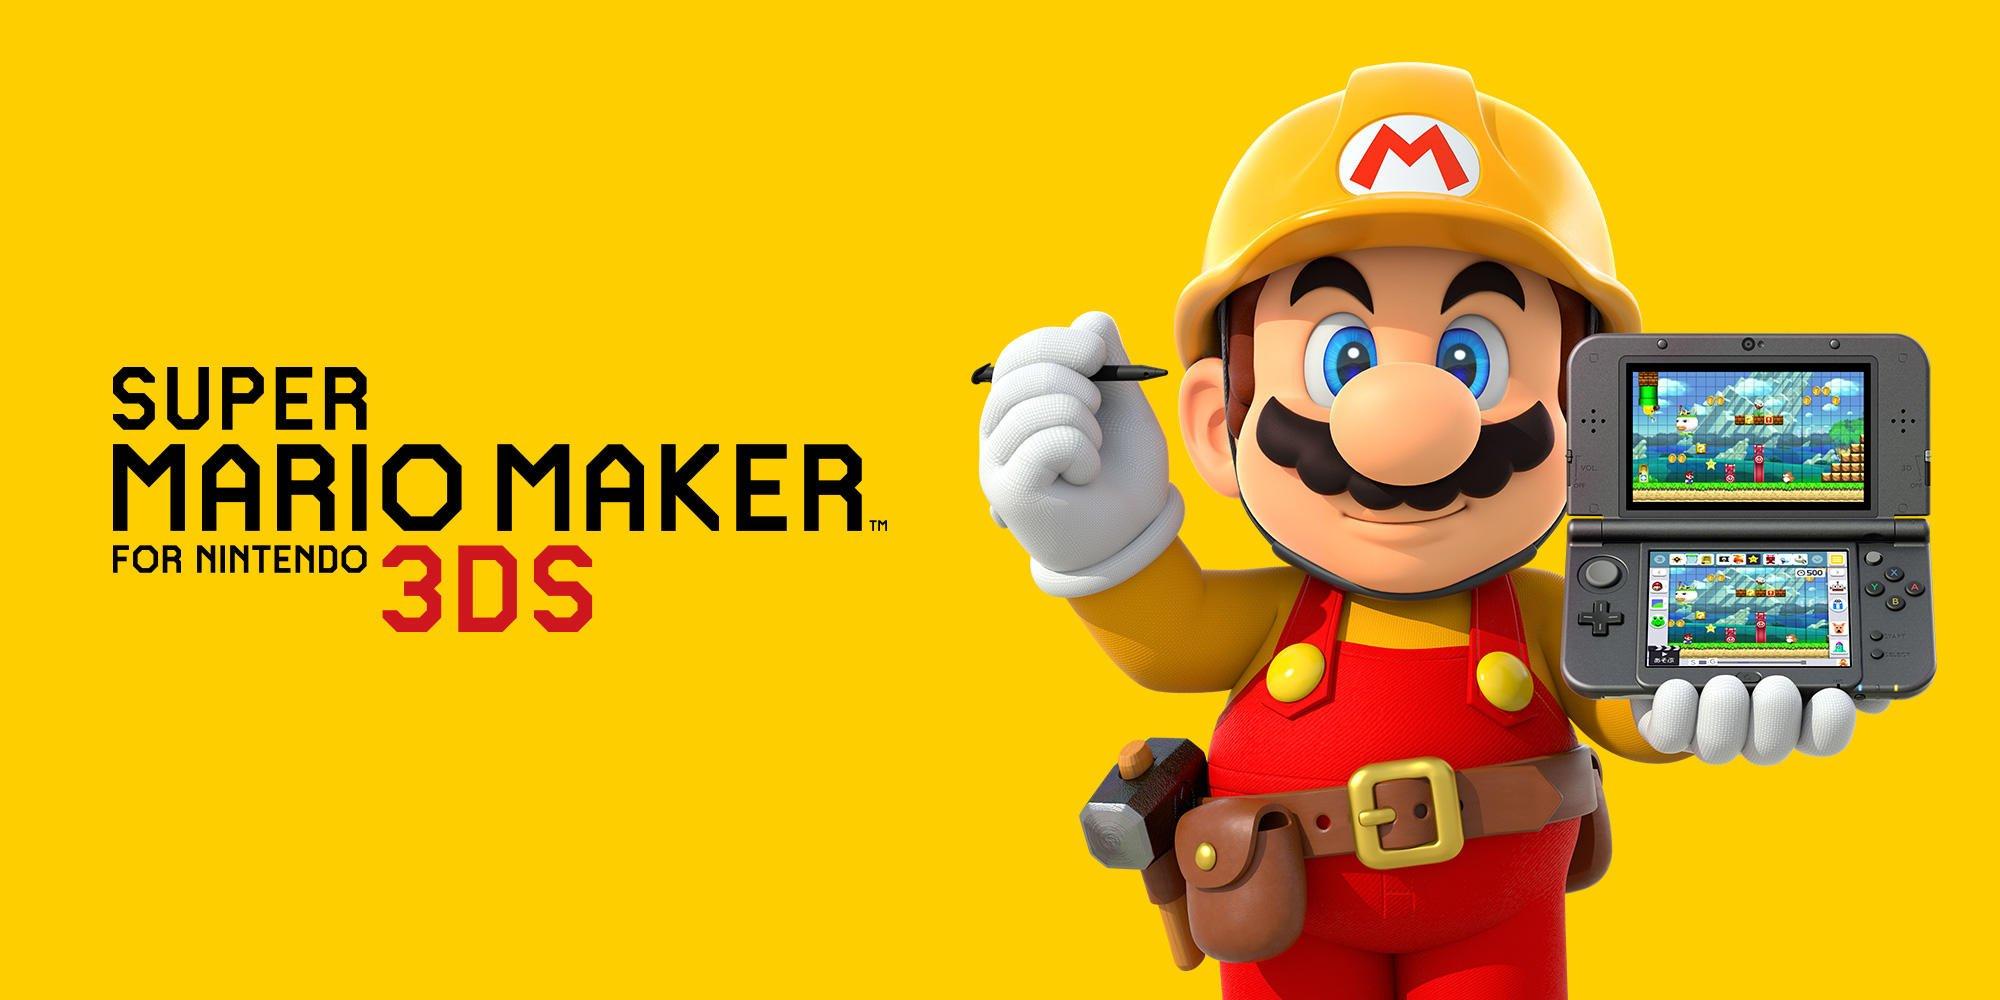 ... Super Mario Maker for Nintendo 3DS (2 dicembre) | Mario's Castle